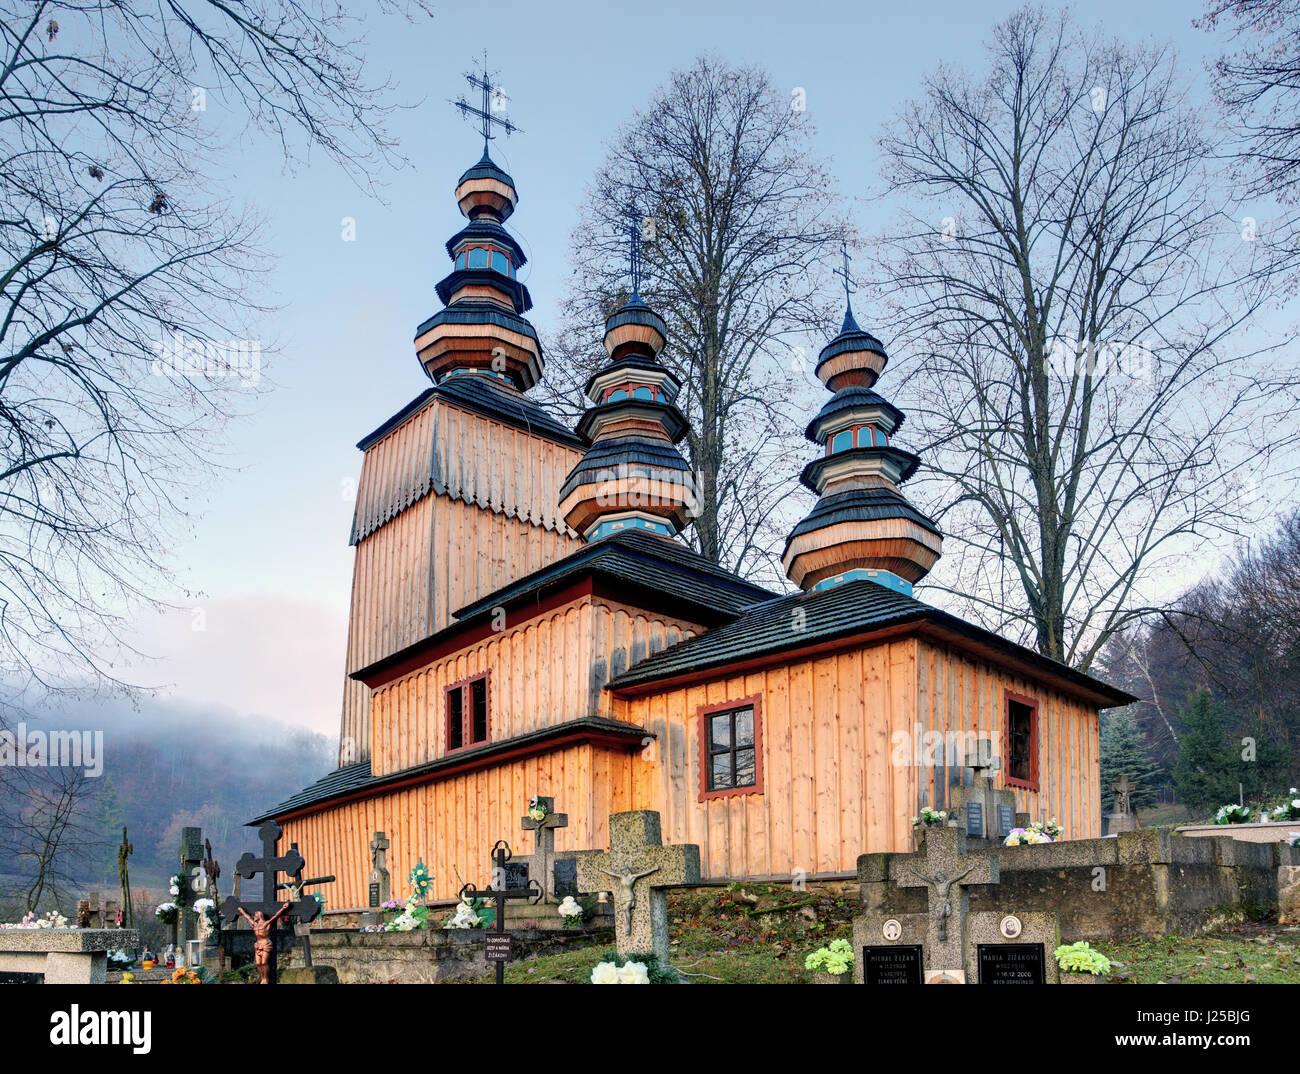 Wooden Church Slovakia Unesco Stock Photos Wooden Church Slovakia